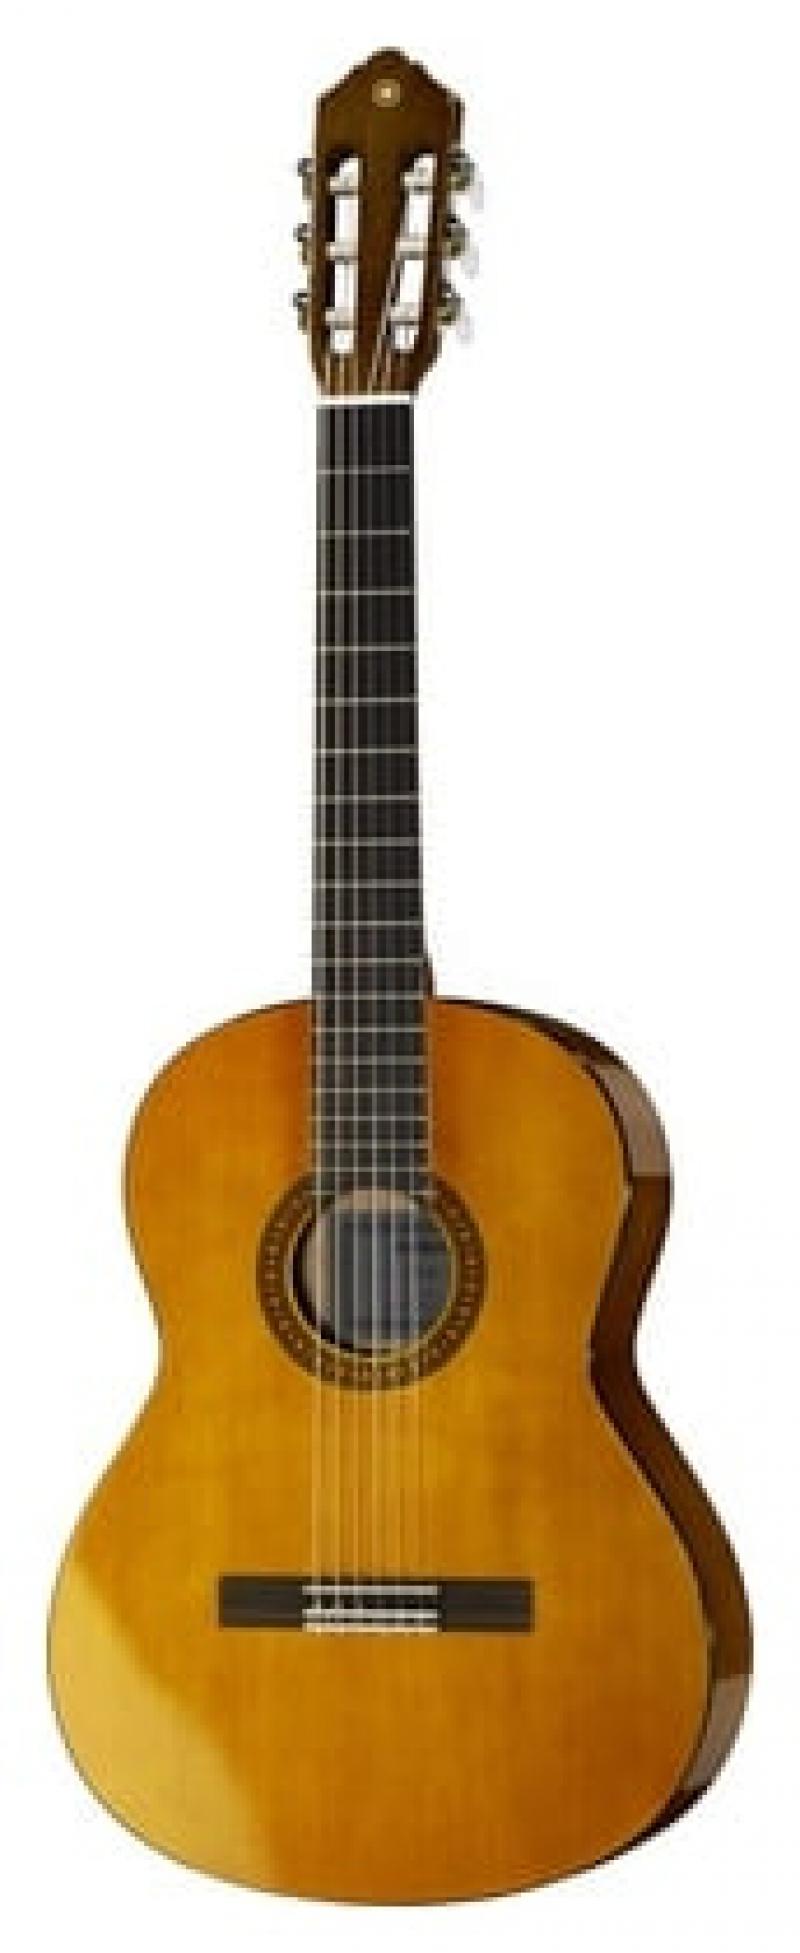 Yamaha GCS40II 3/4 klasiskā ģitāra